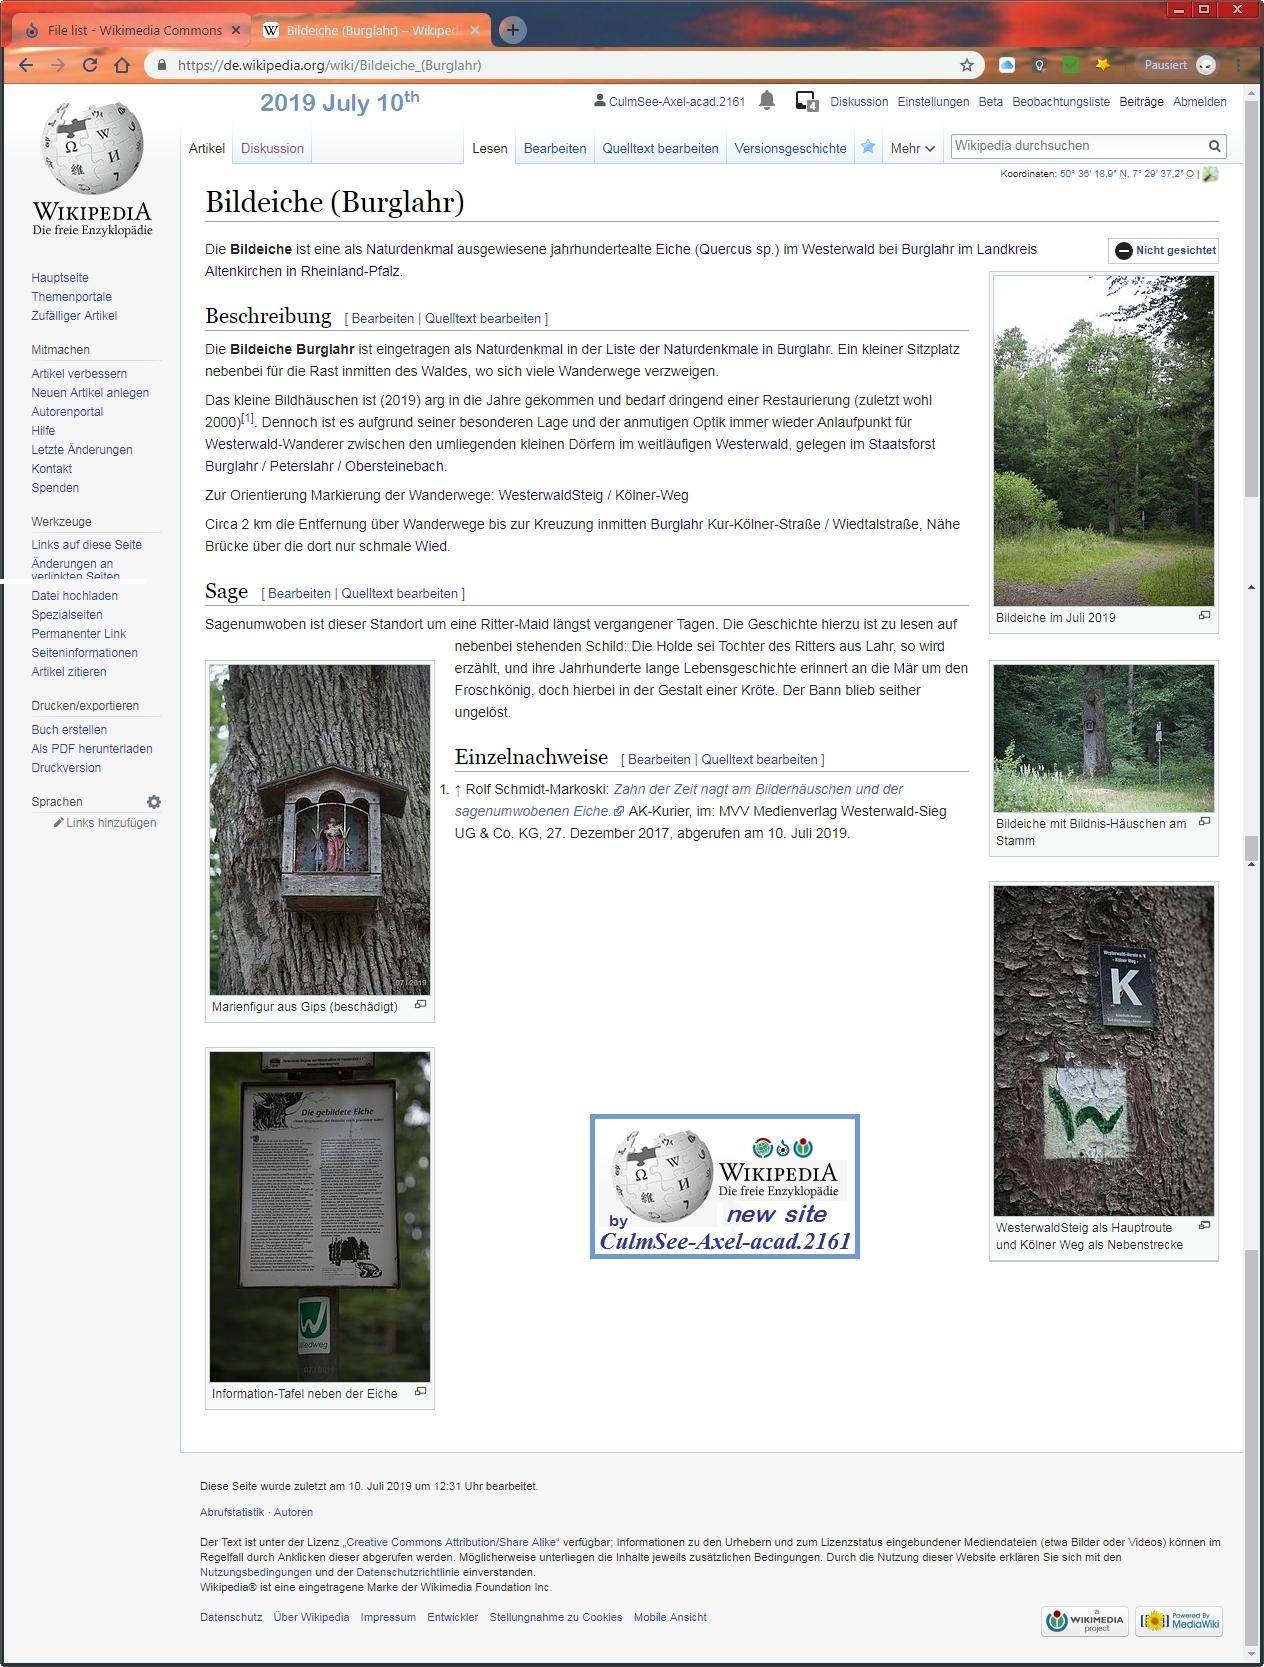 Wikipedia neue Seite Bildeiche Burglahr